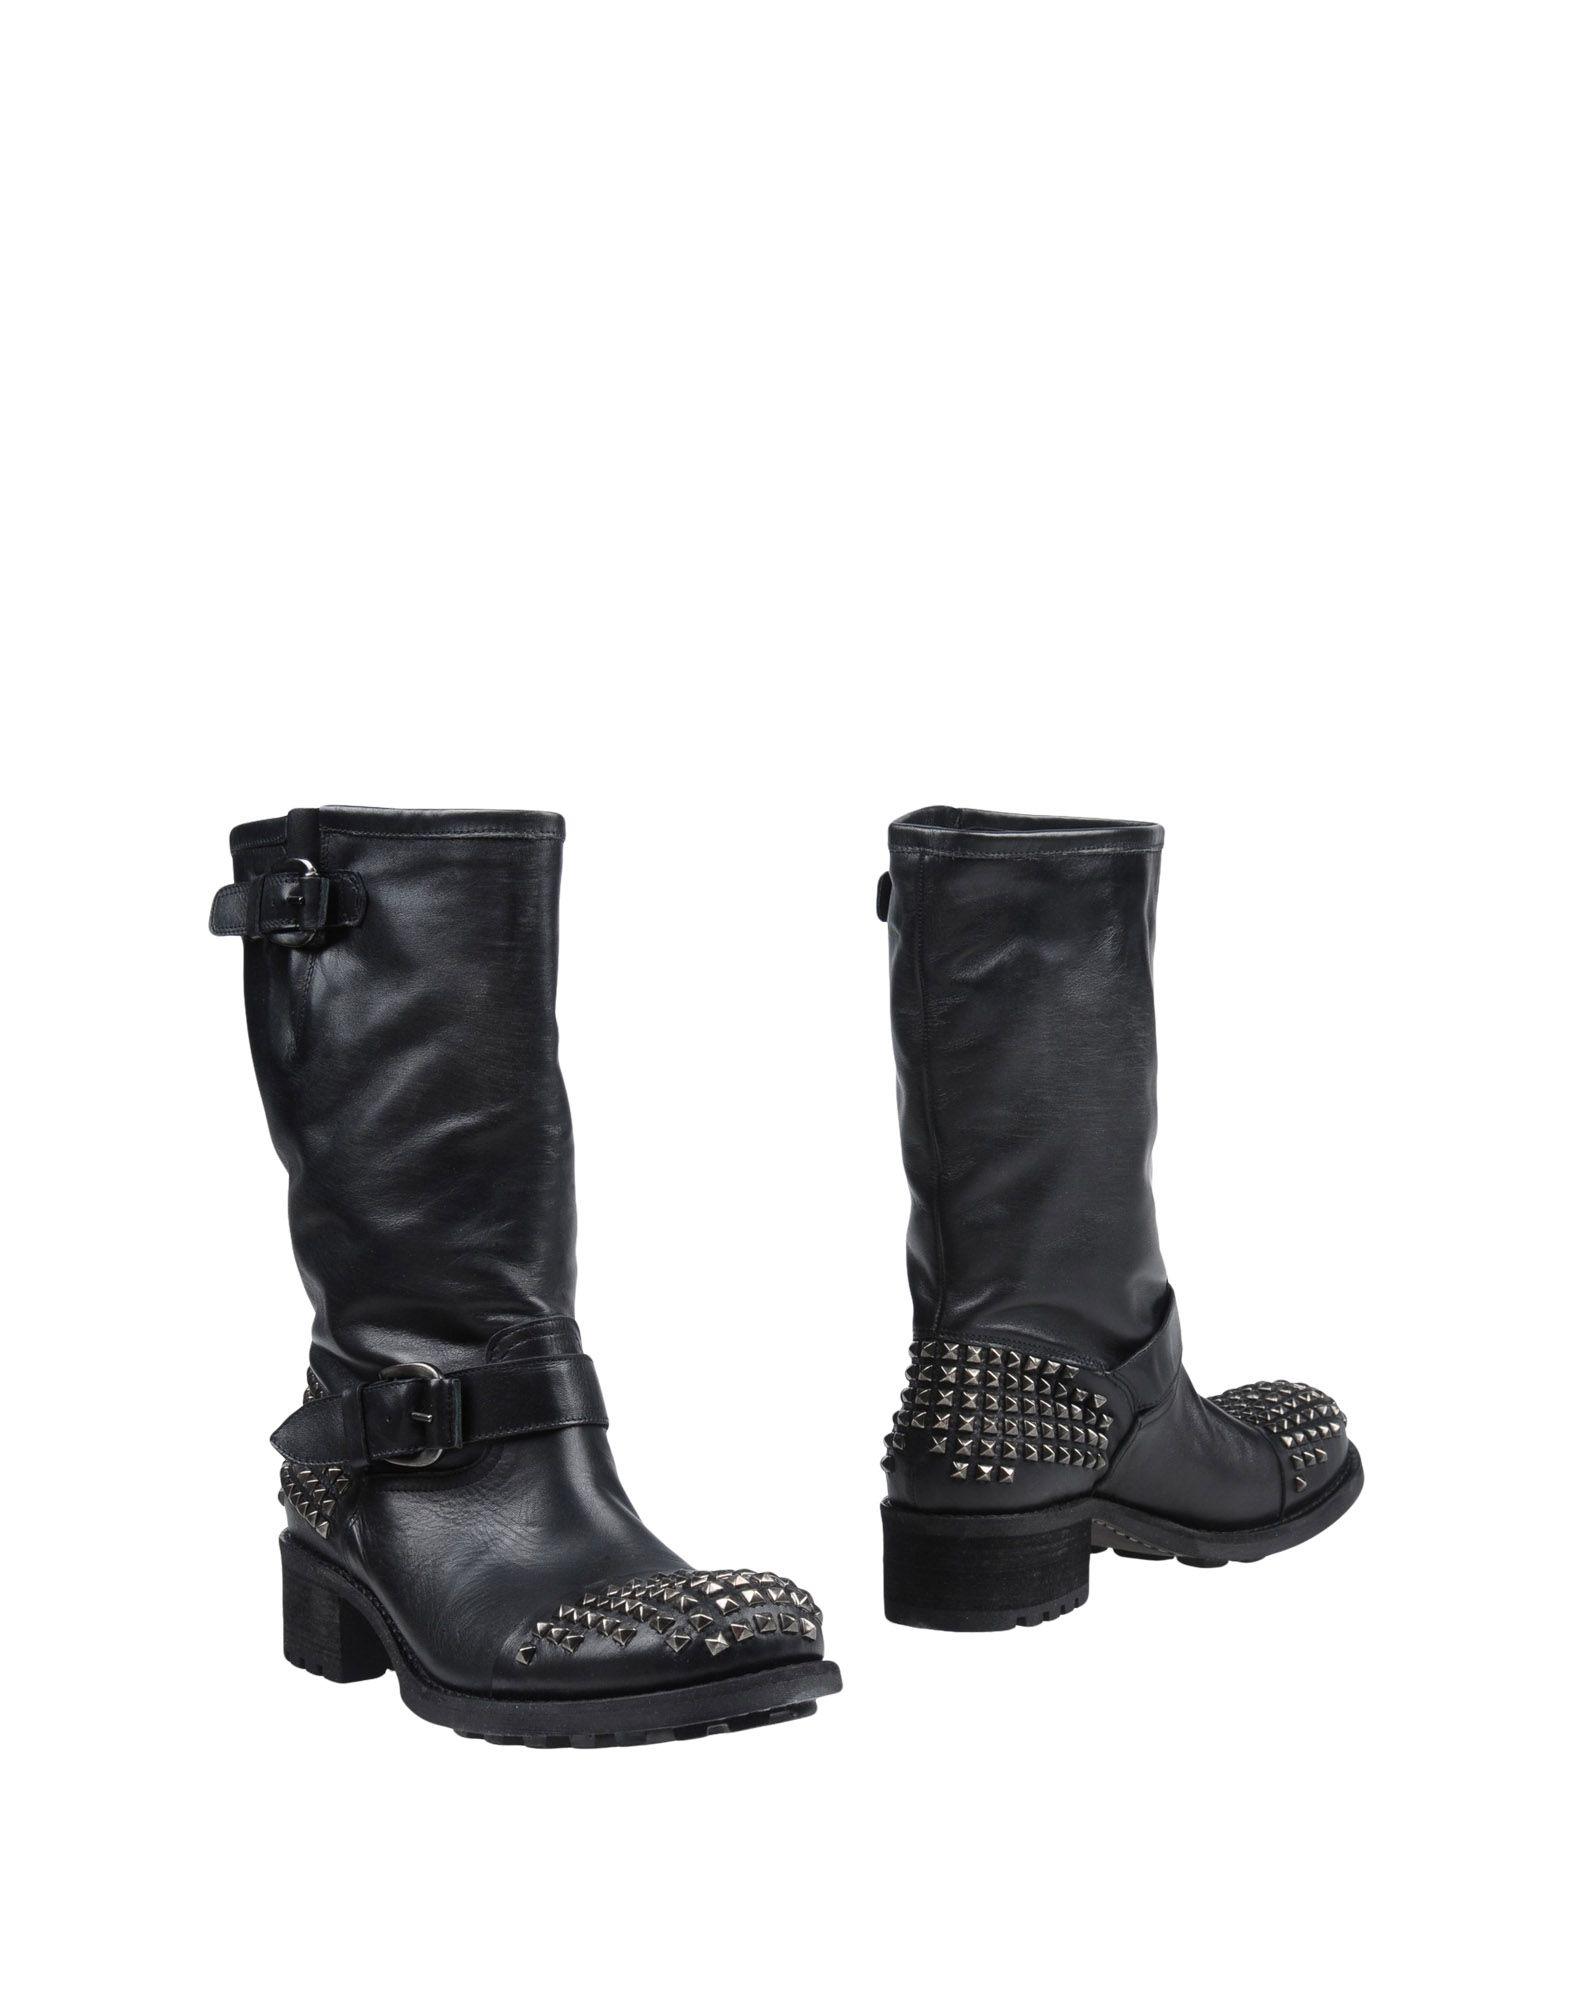 Garrice Stiefel Damen  11420779UK Gute Qualität beliebte Schuhe